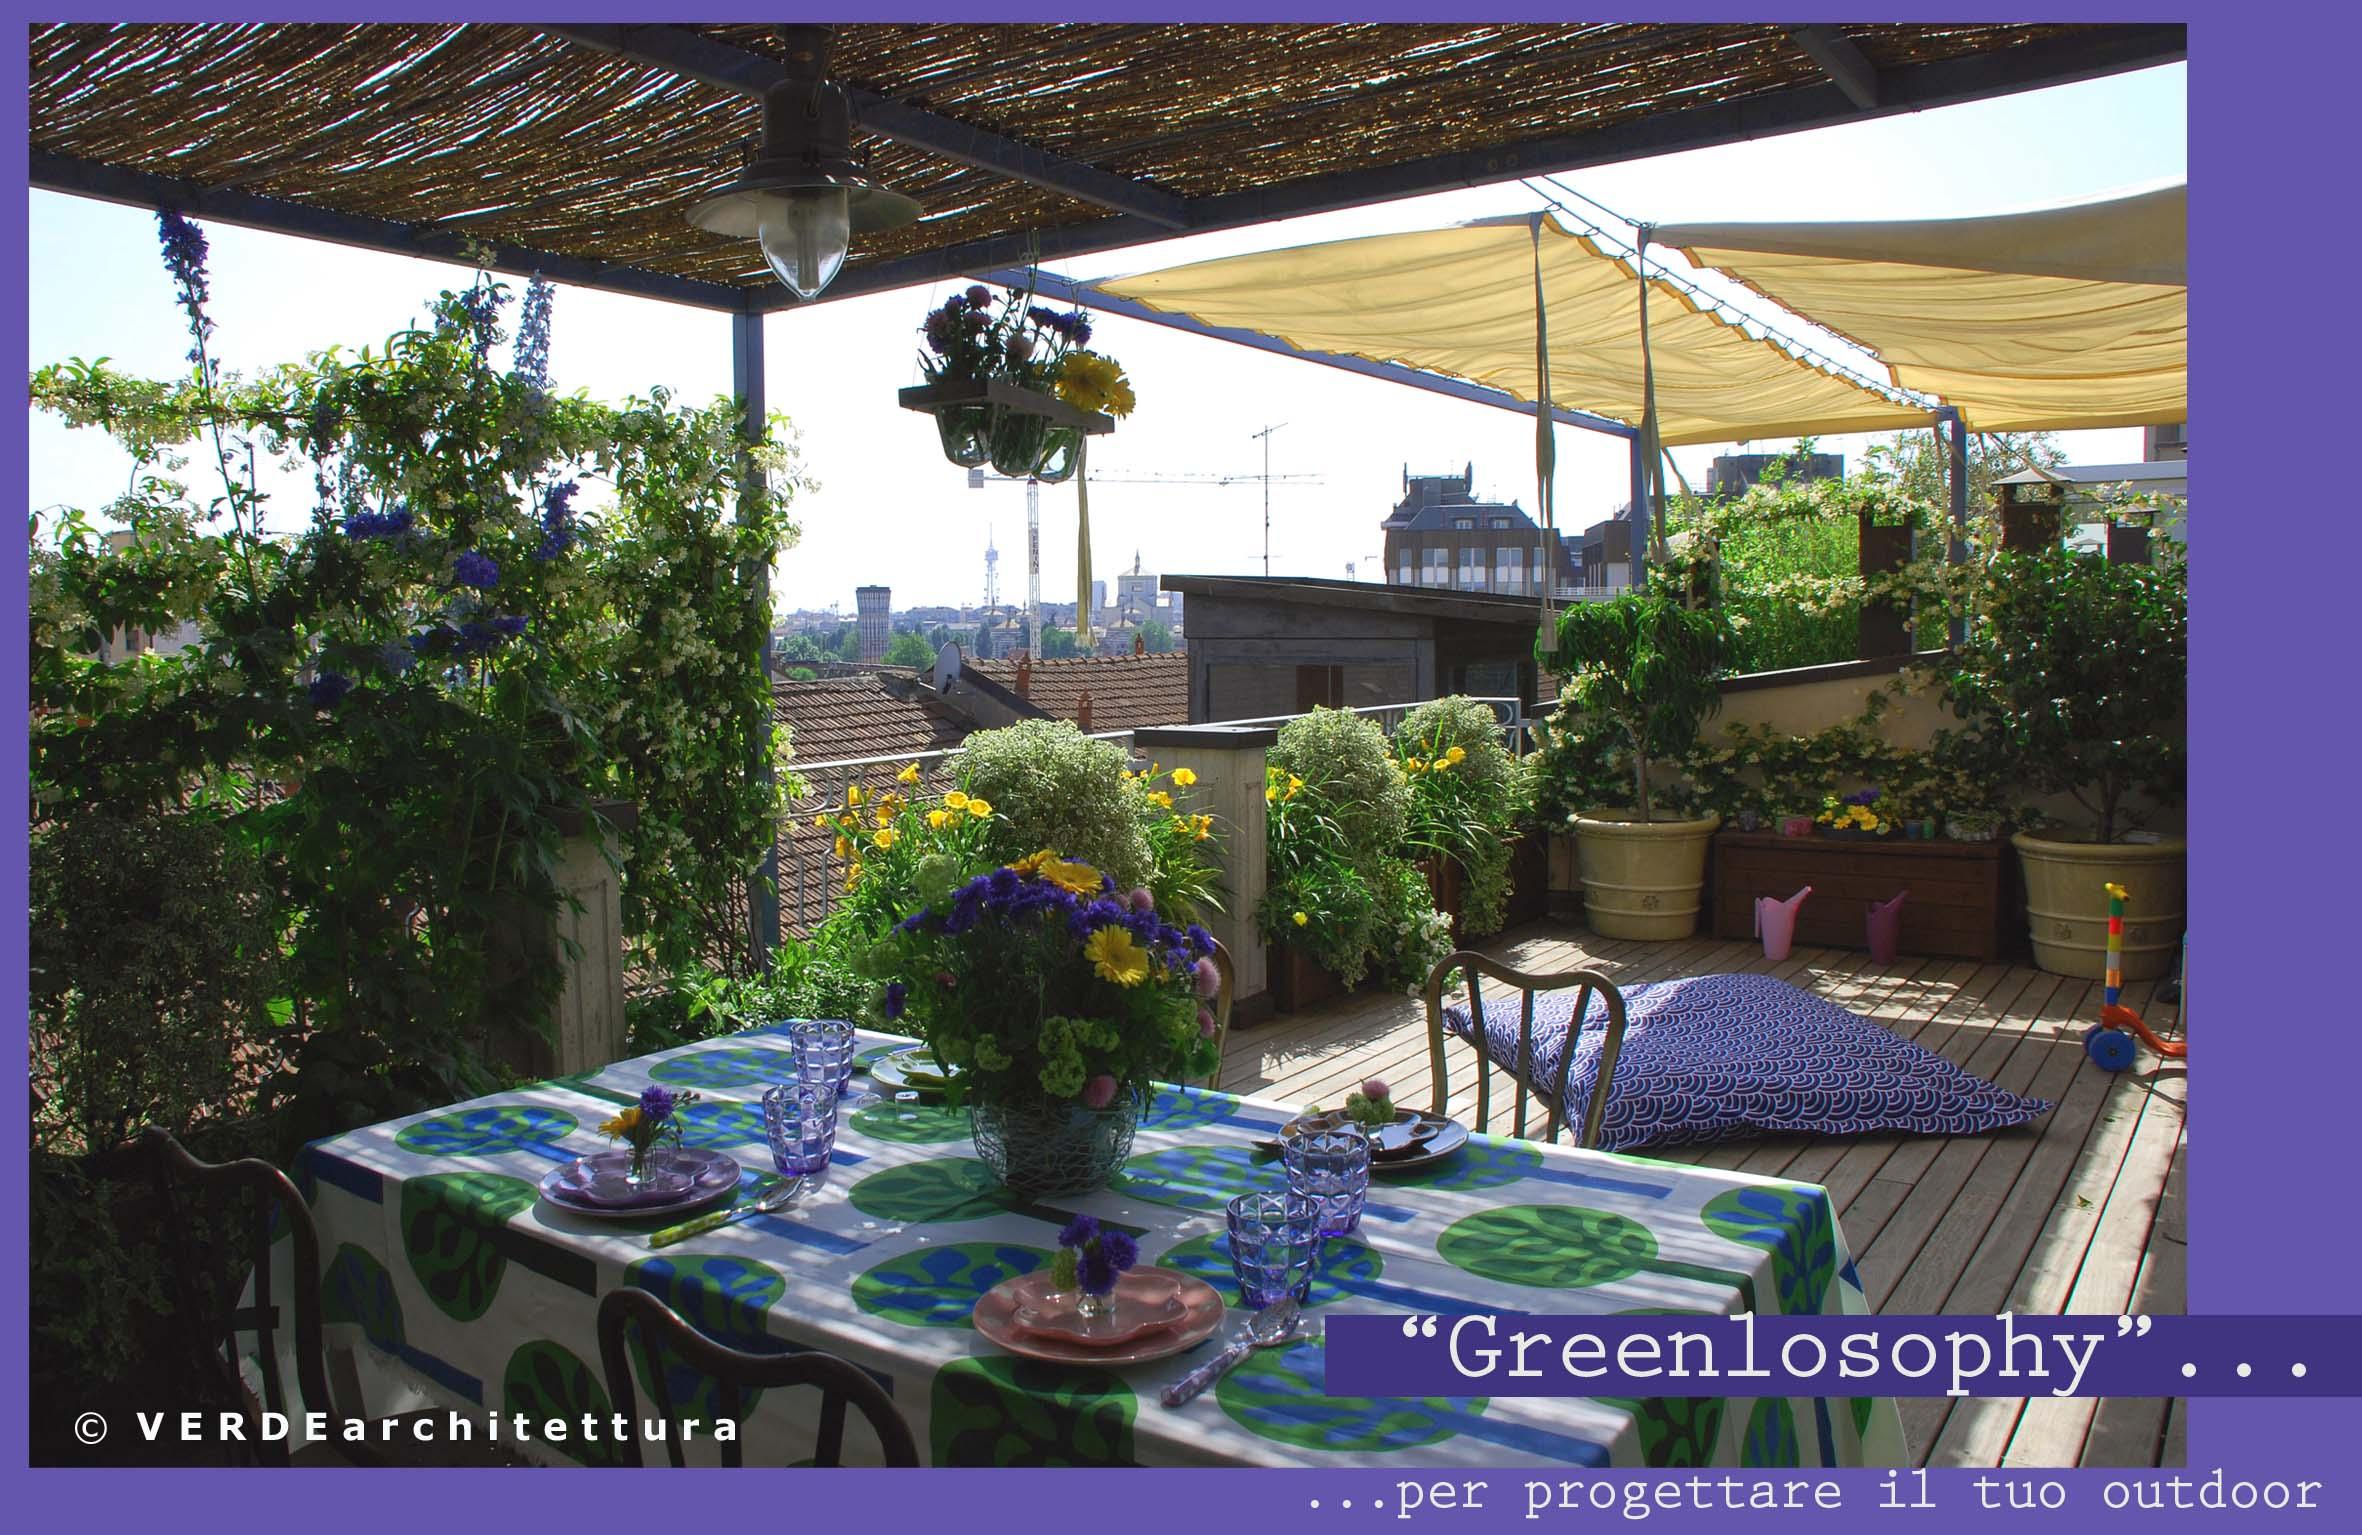 Arredare il terrazzo con greenlosophy for Arredare il terrazzo